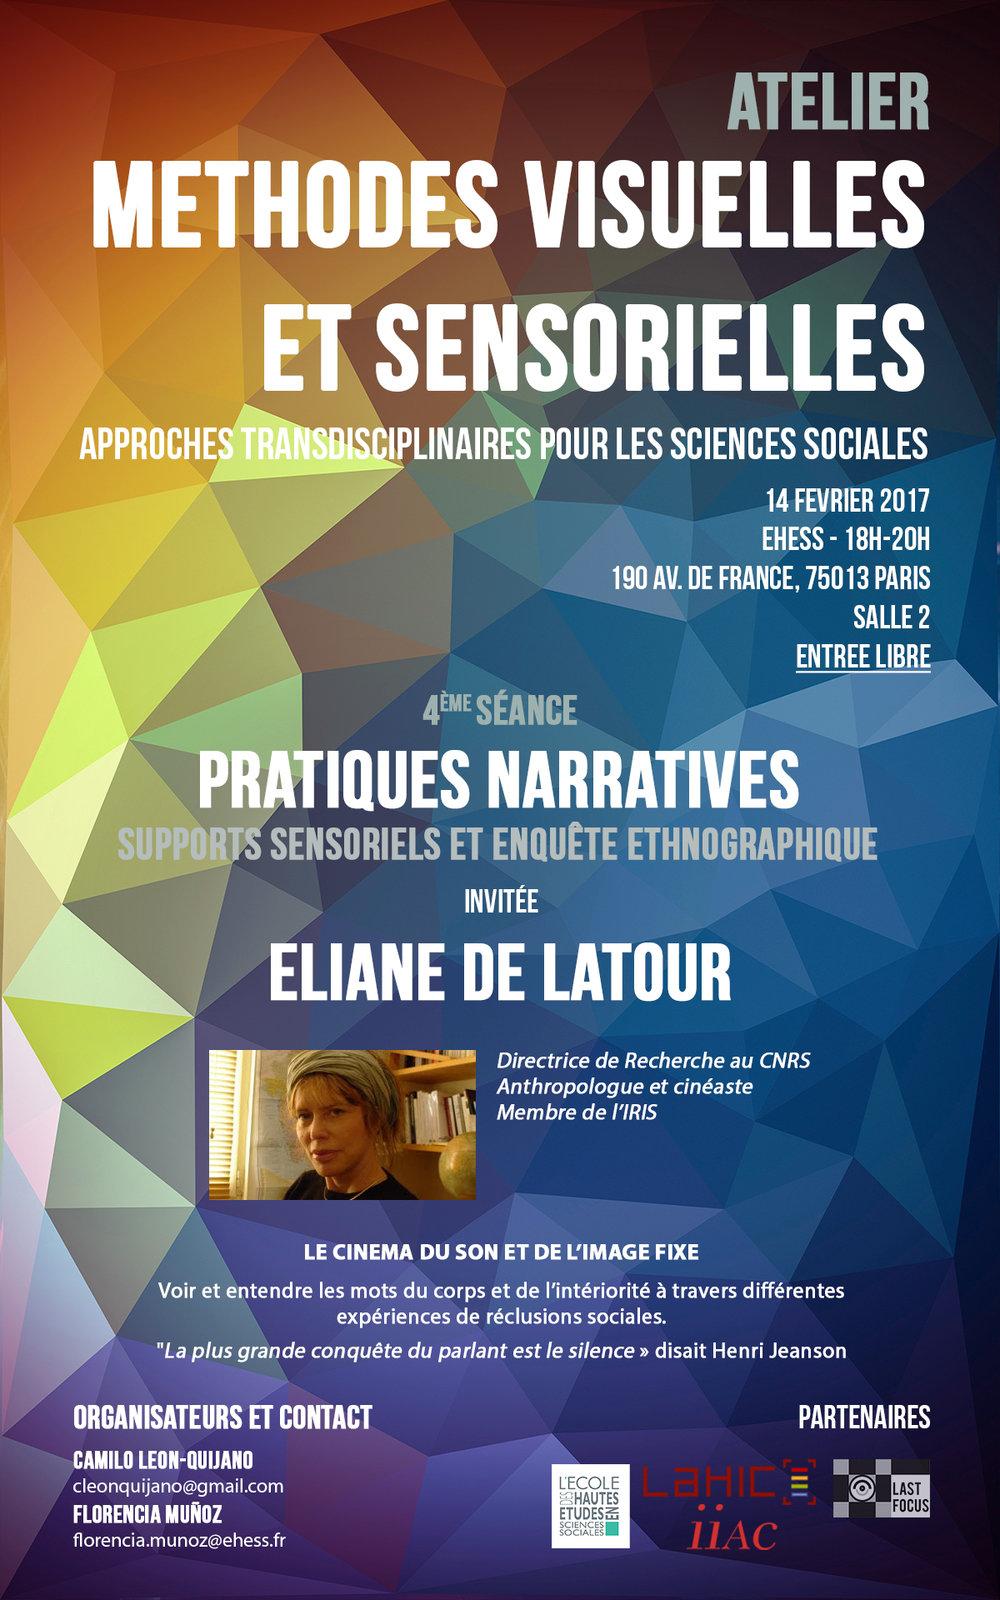 Atelier EHESS 2017- Méthodes visuelles et sensorielles - Séance 4.jpg